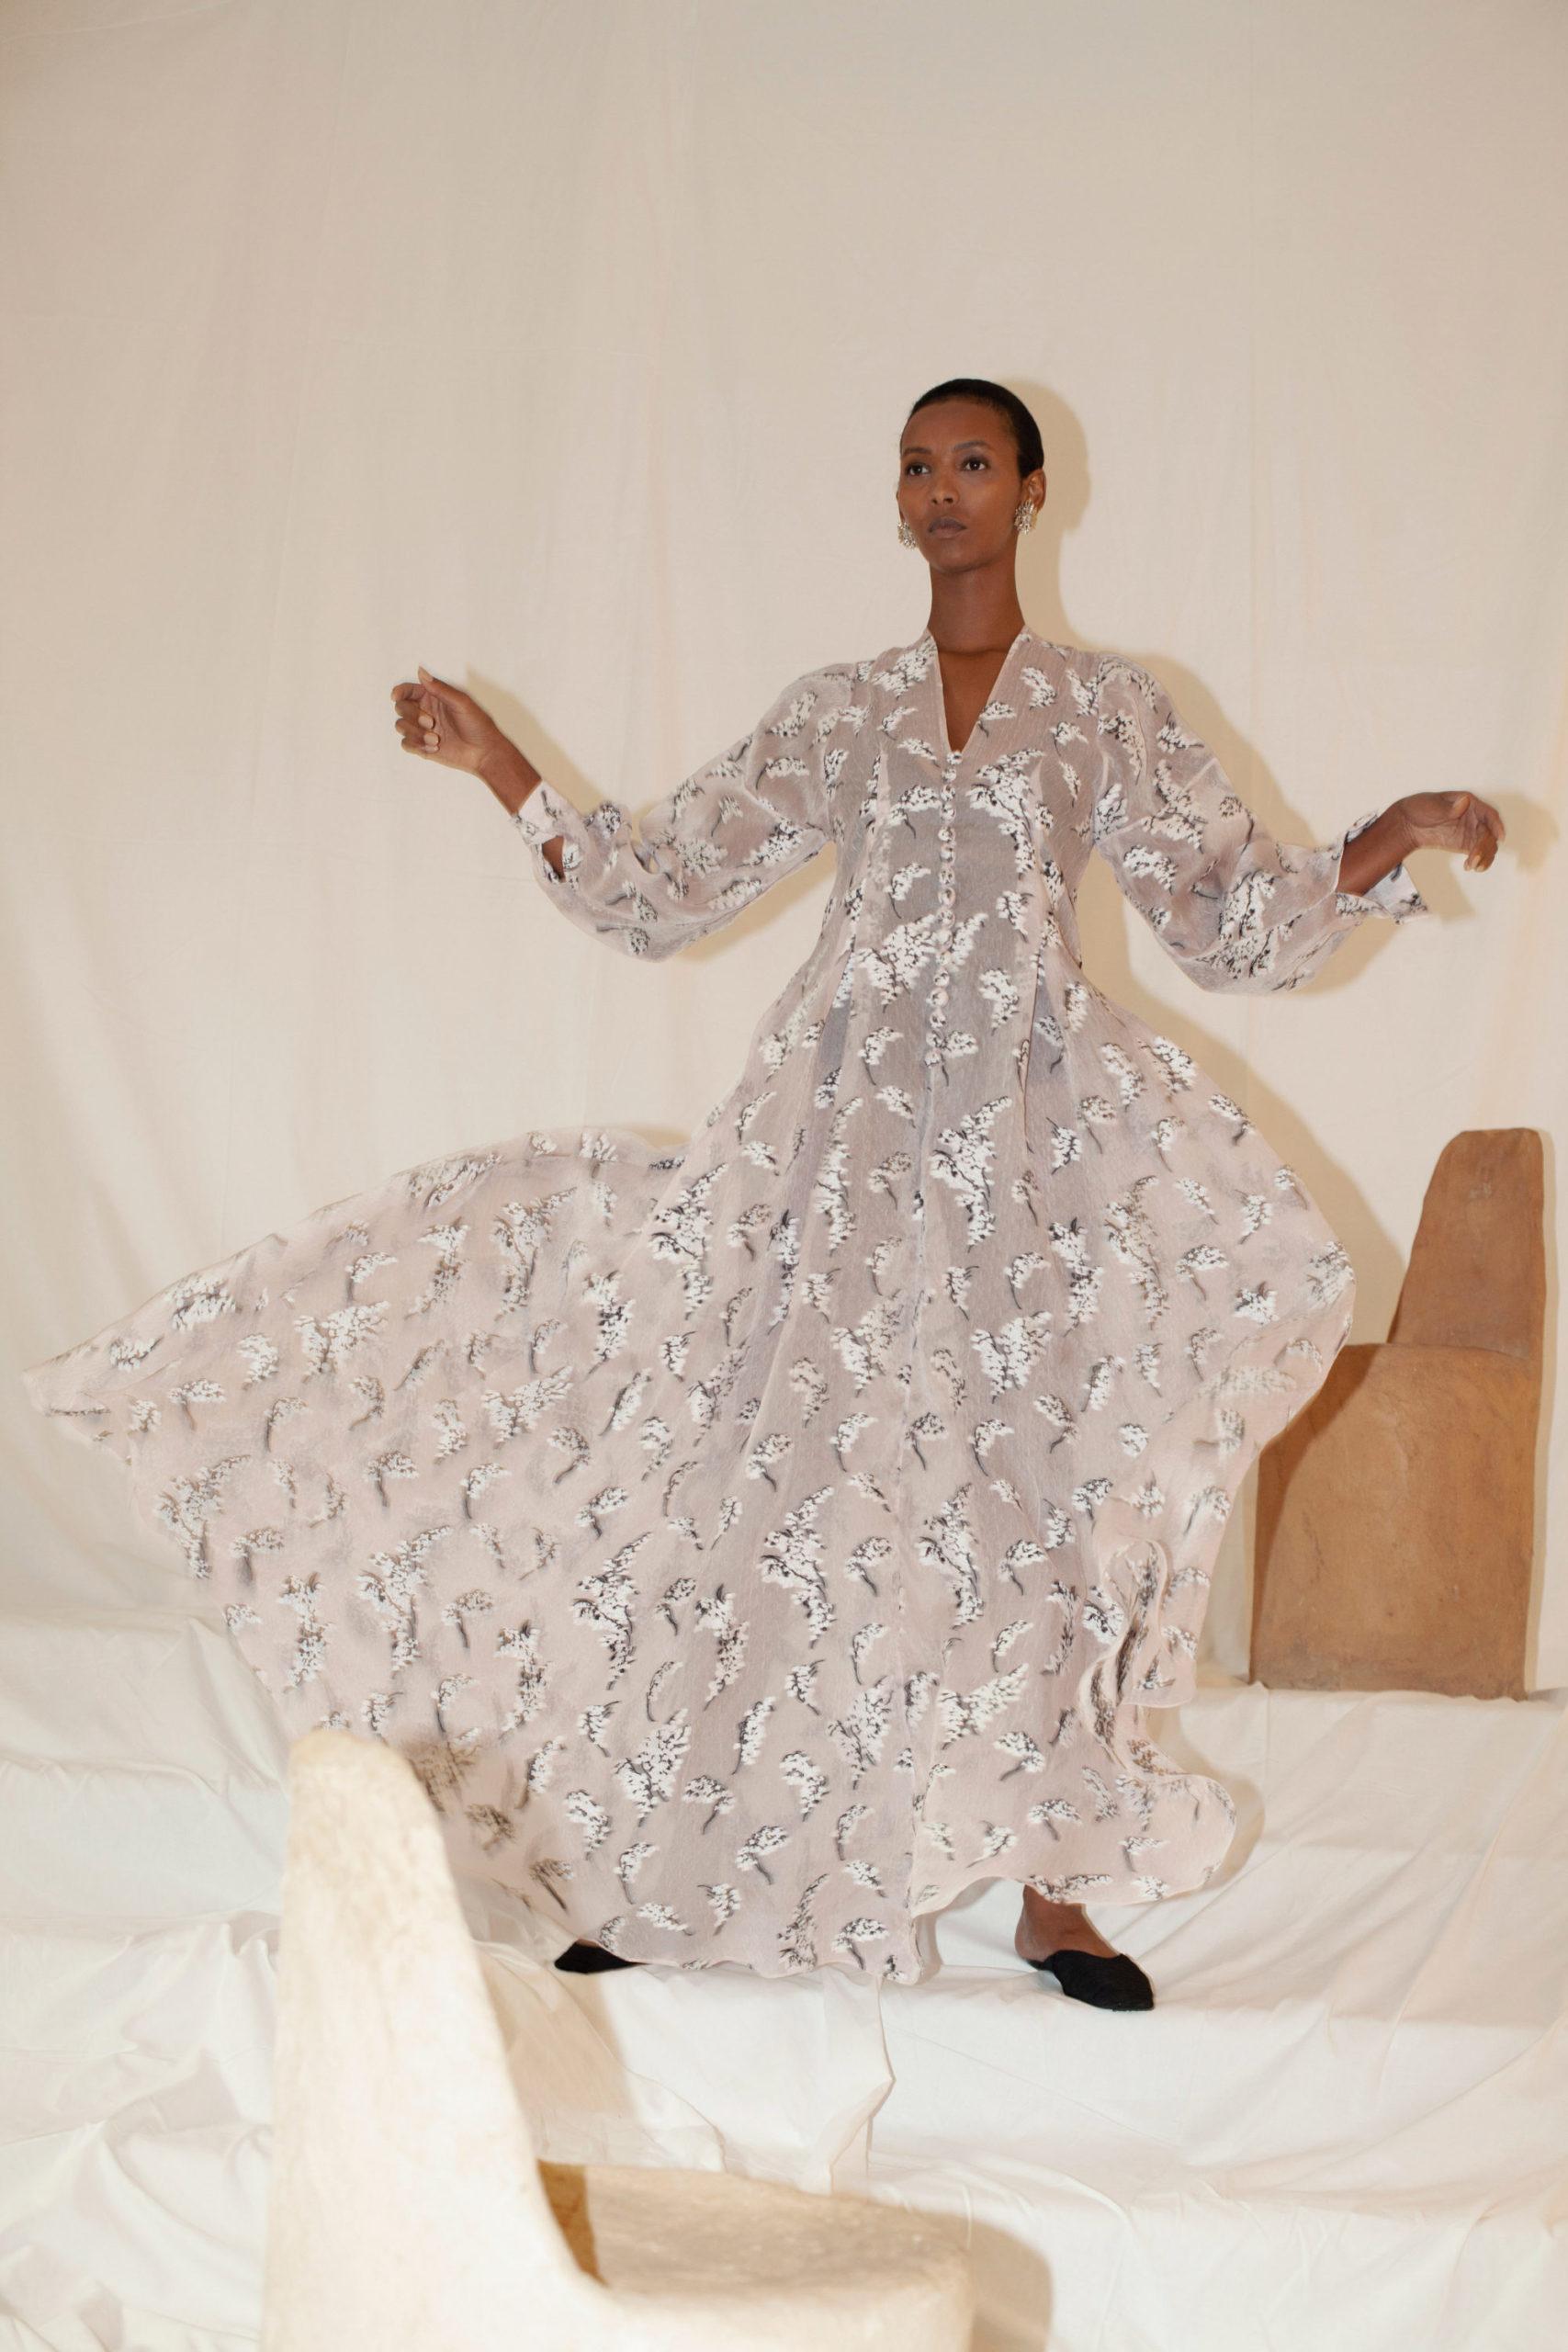 Платье с надписями и пайетками от Sandra Mansour модель 2021 года